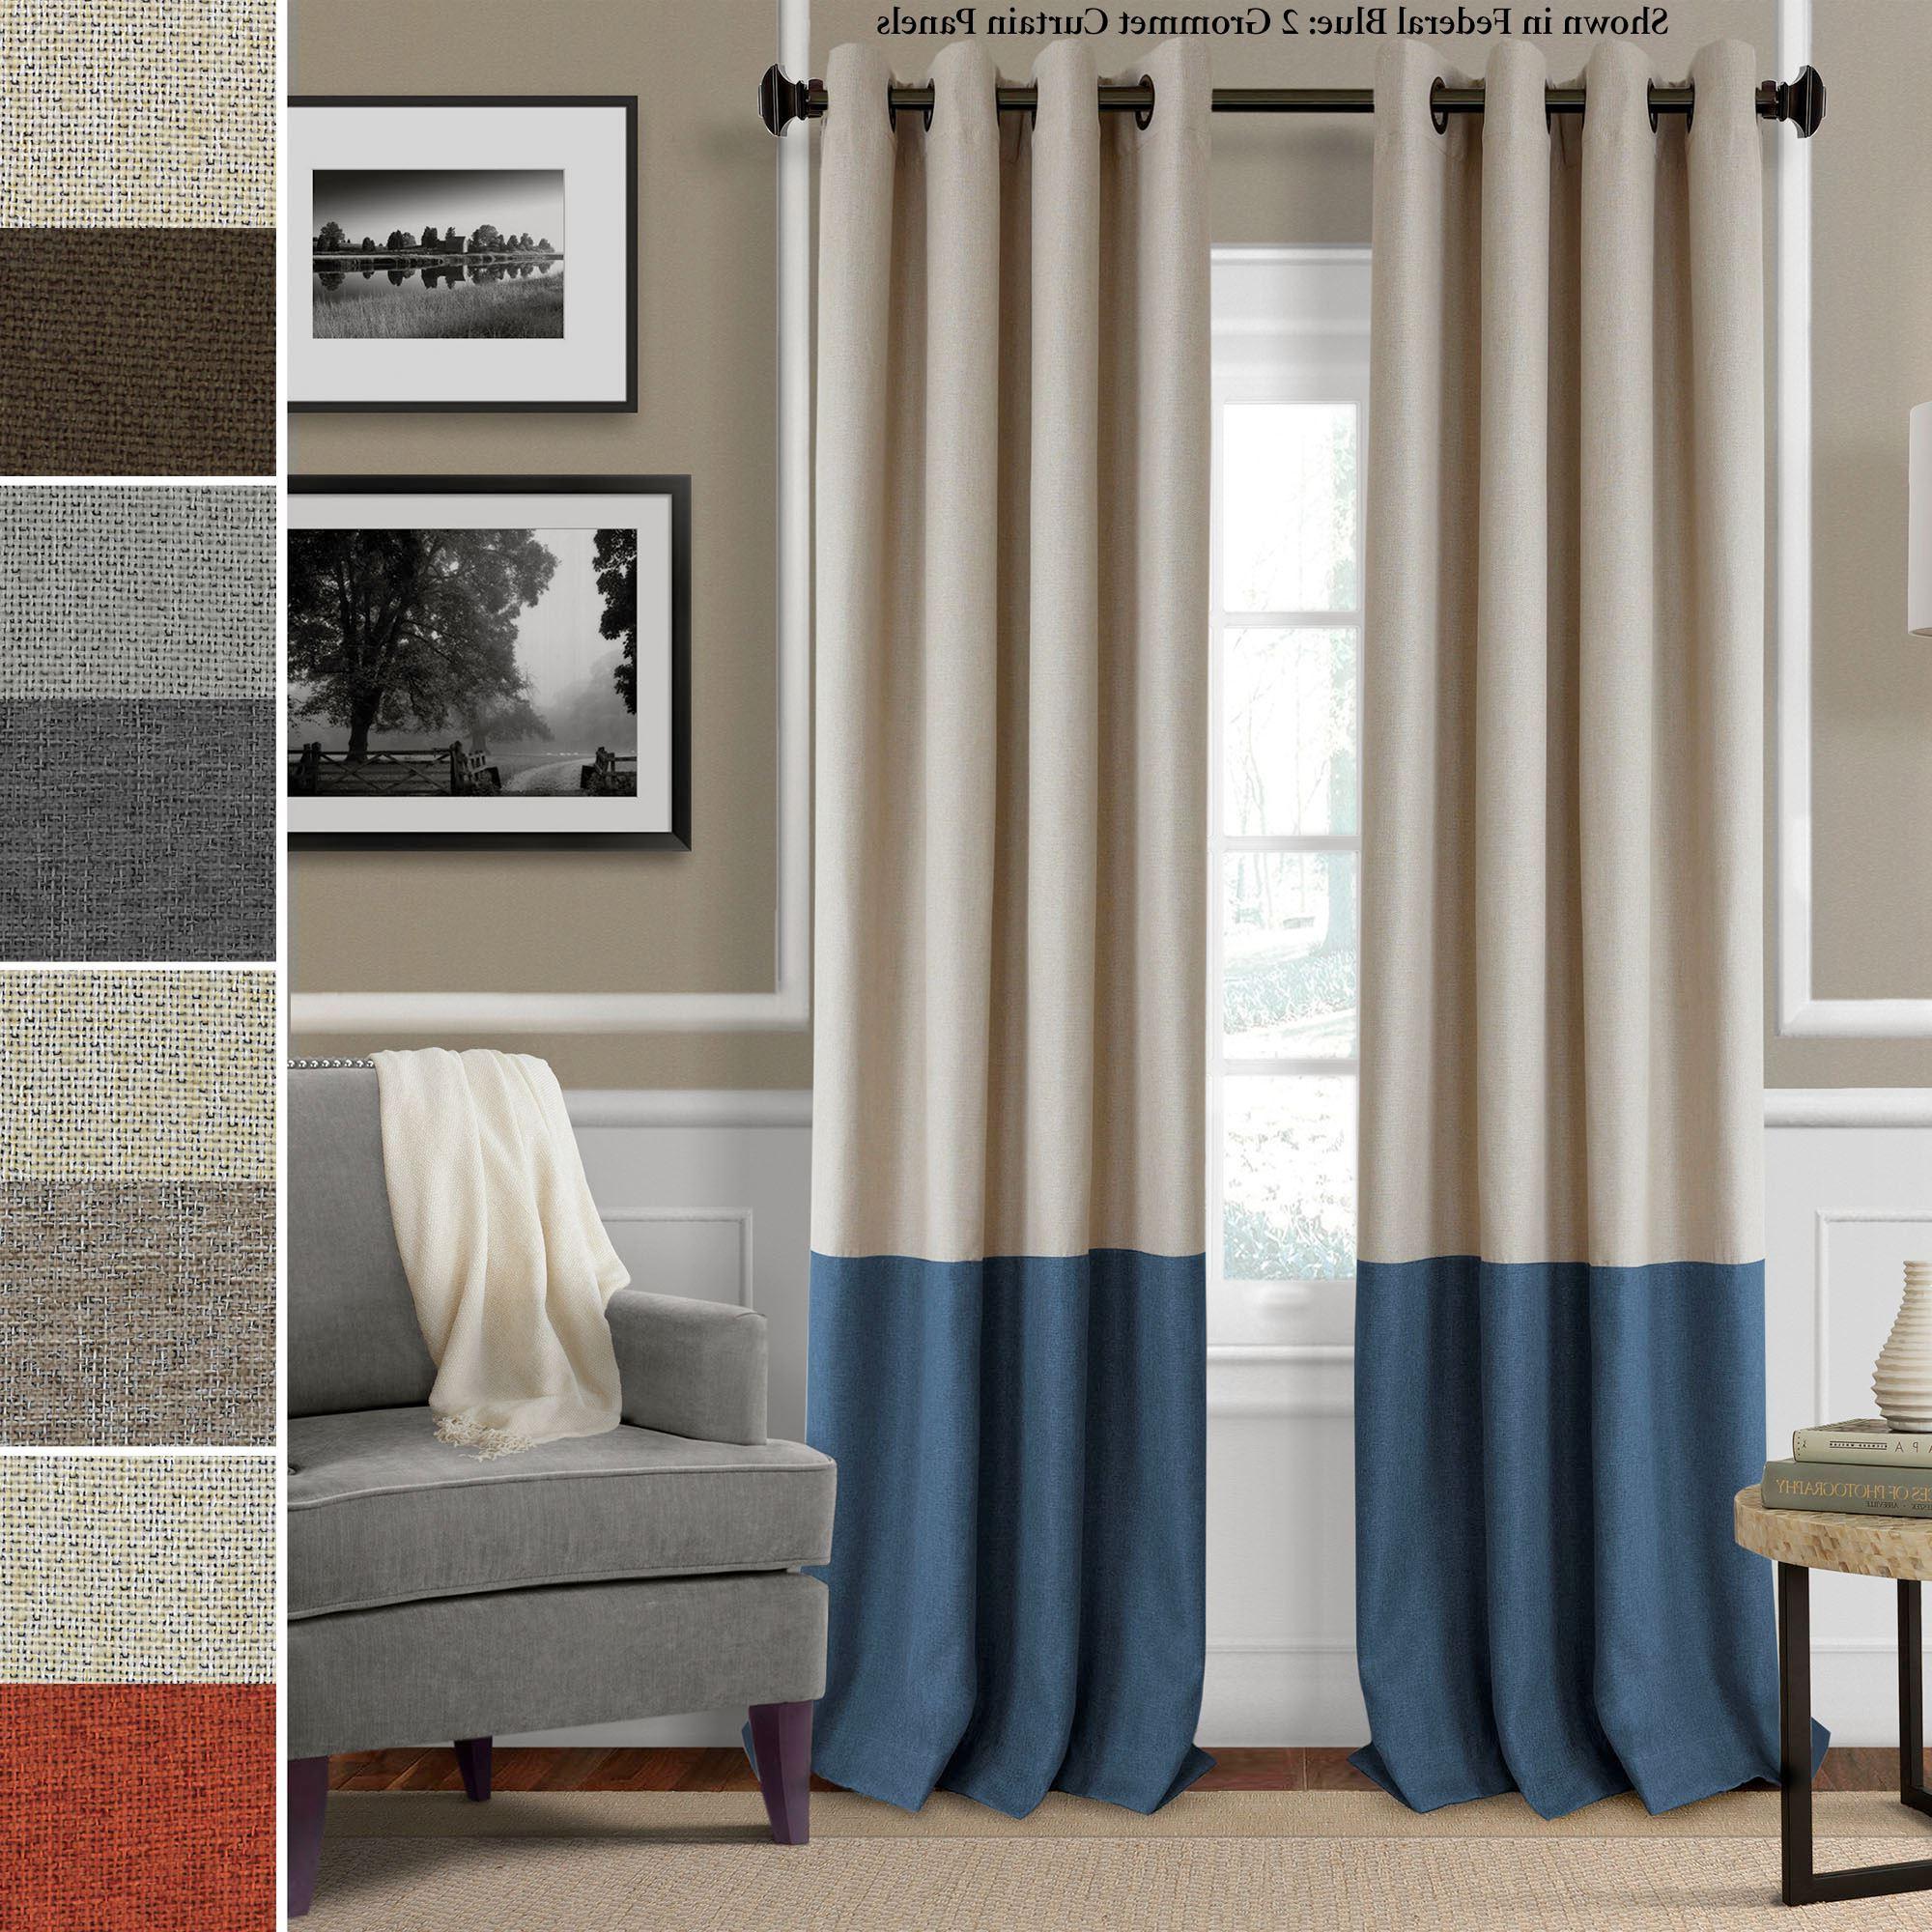 Grommet Curtain Panels Intended For 2021 Braiden Room Darkening Grommet Curtain Panels (View 3 of 20)